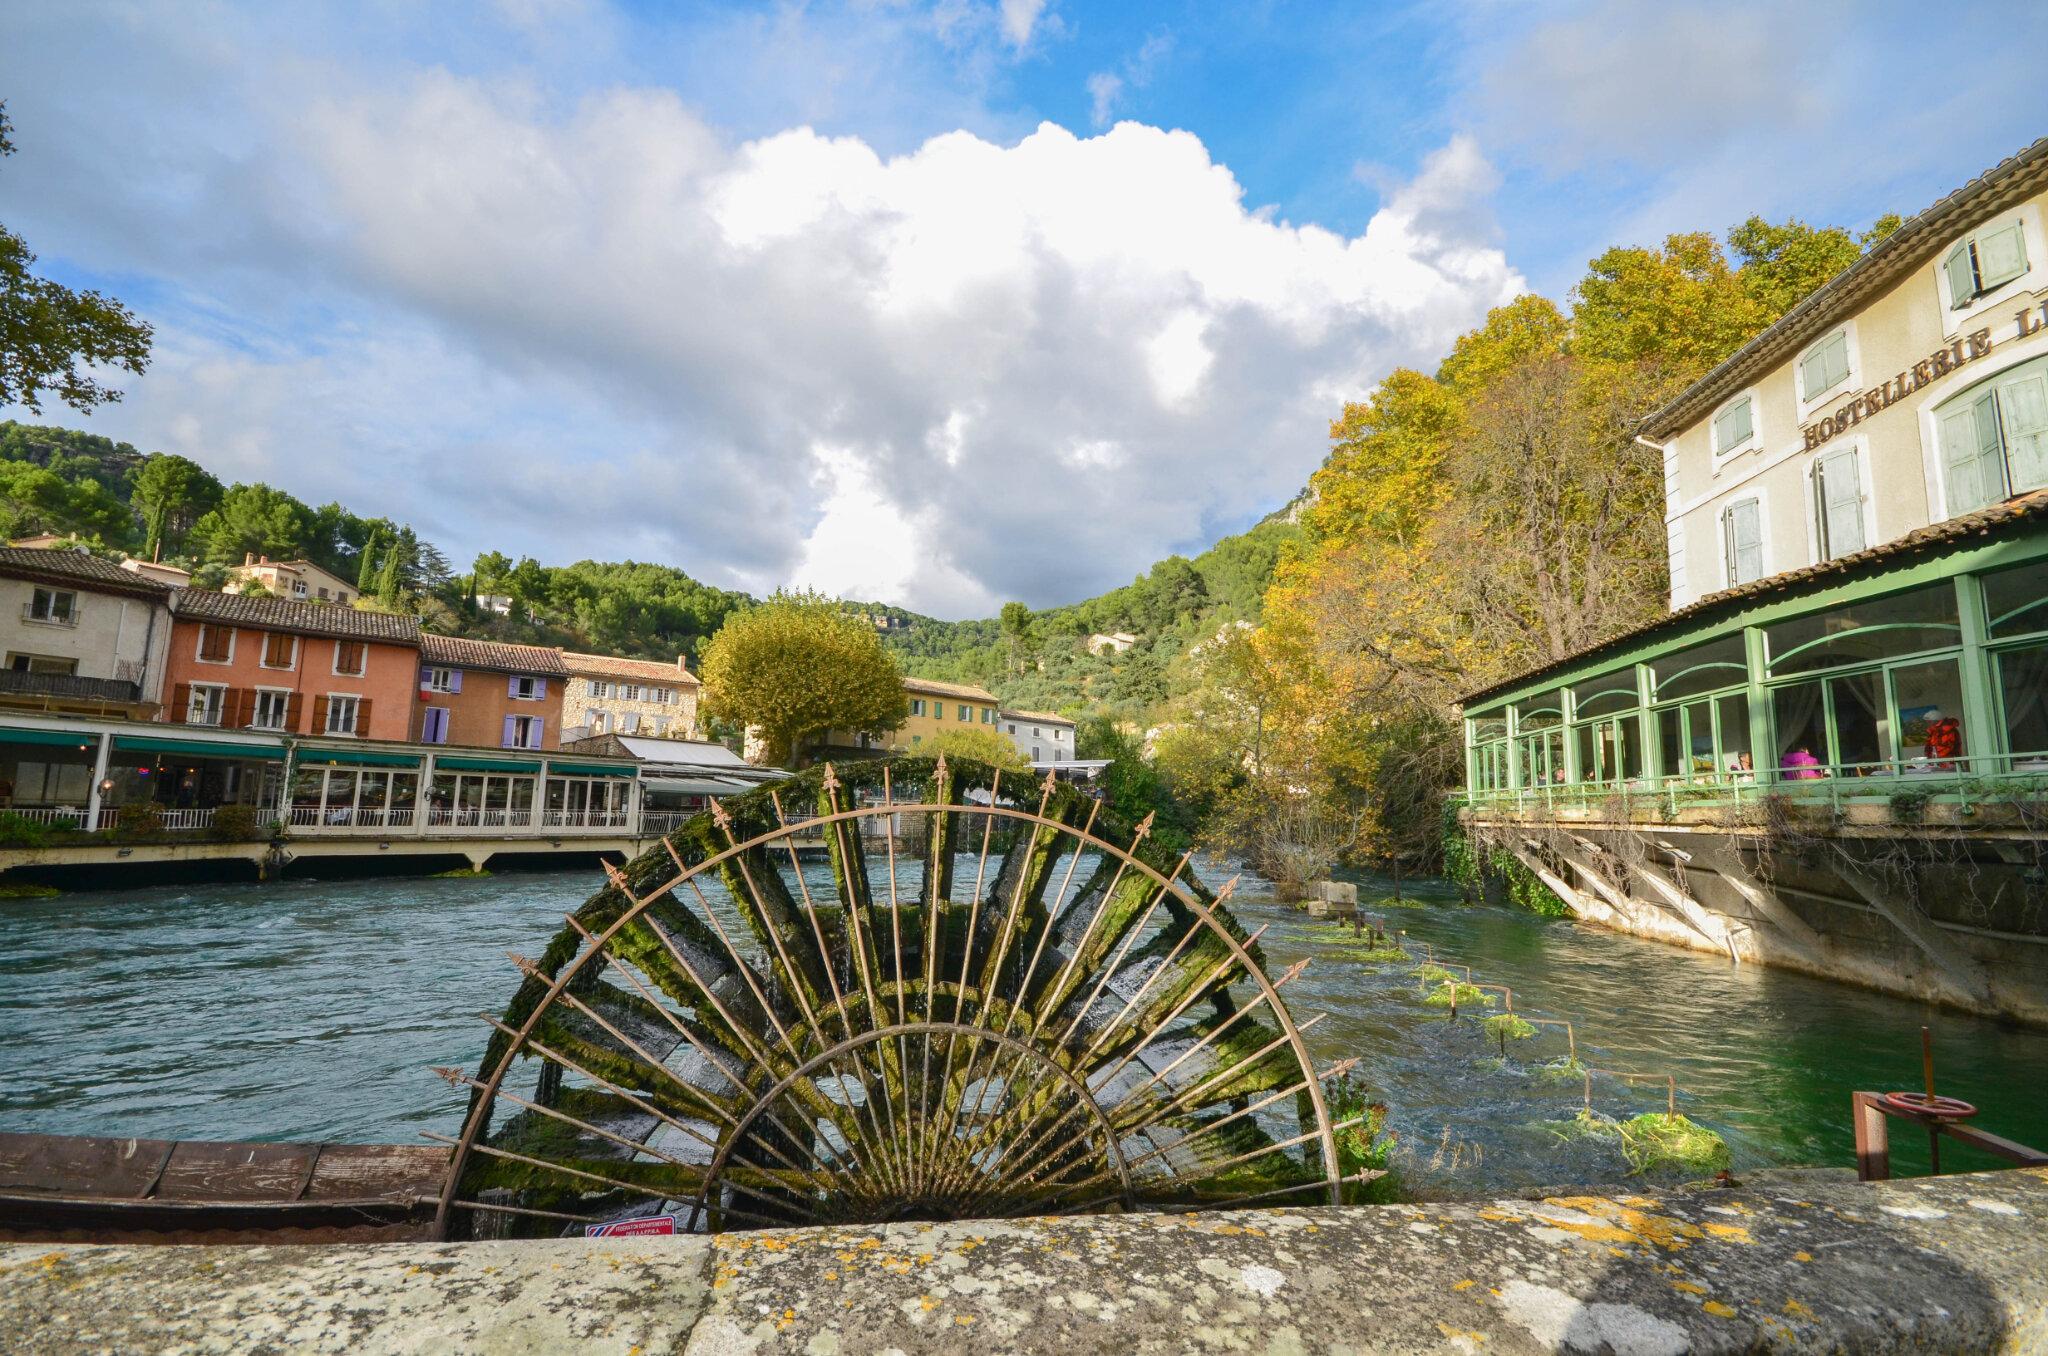 Fontaine-de-Vaucluse : et sa source pleine de mystères